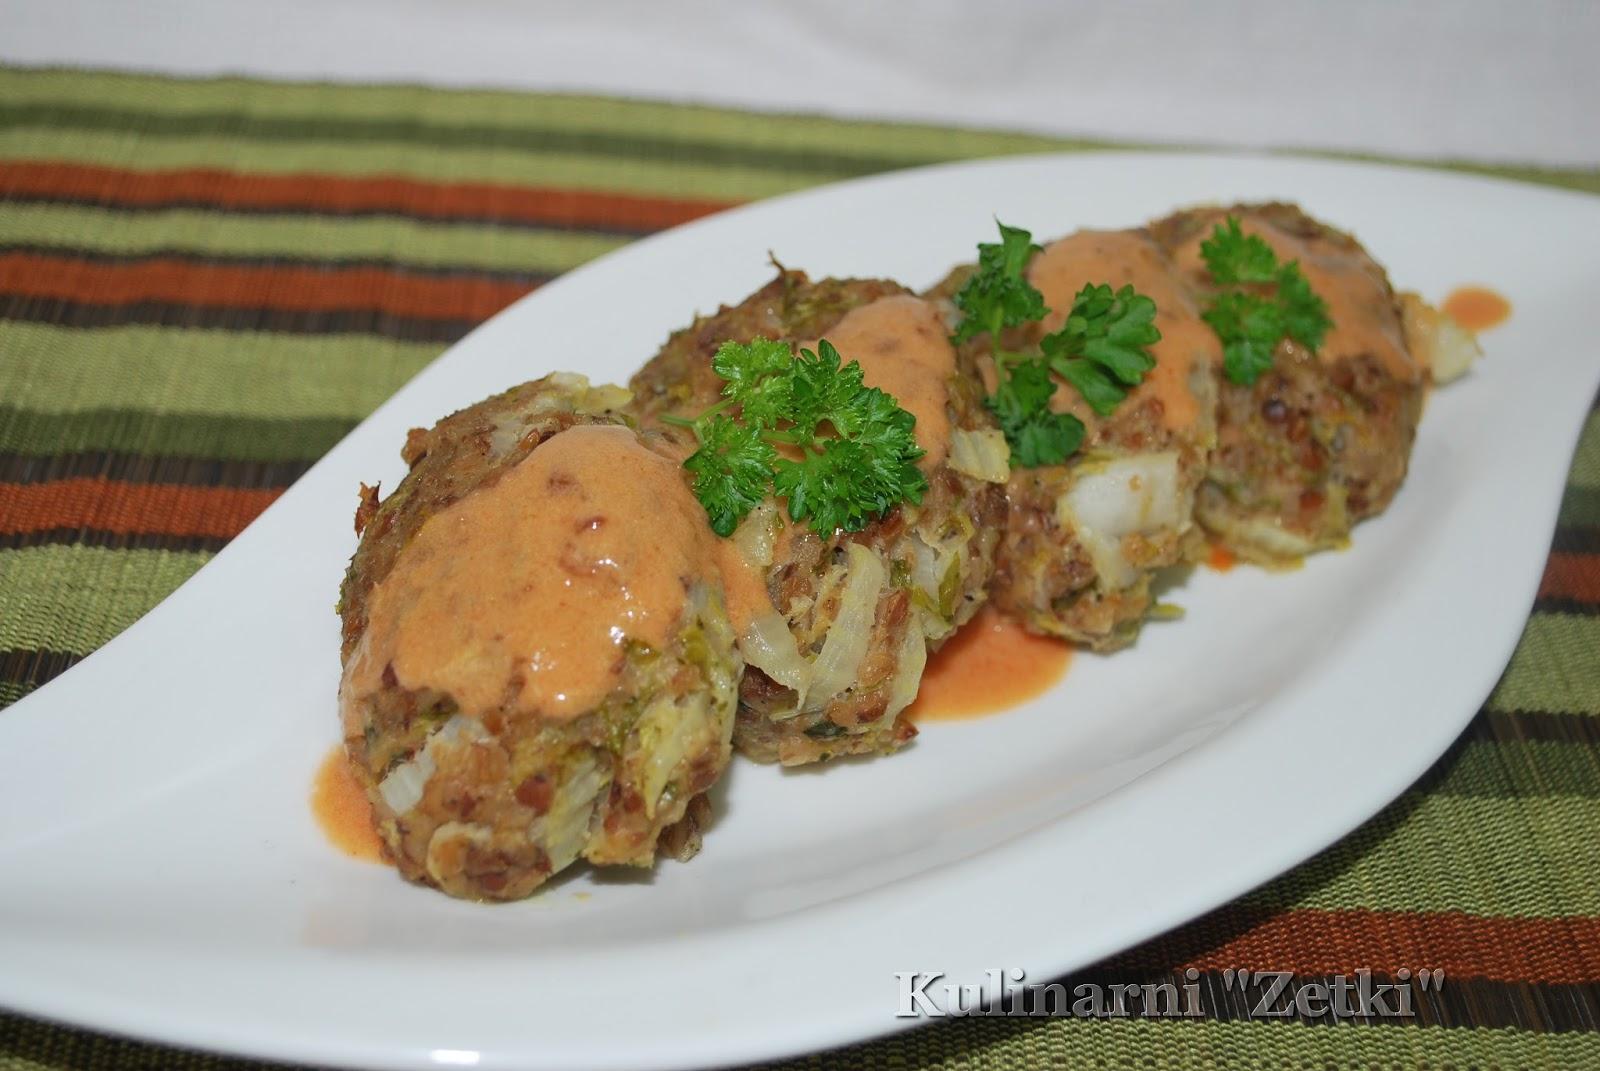 Kulinarni Czyli Uczniowie Zetki Pichcą Gołąbki Bez